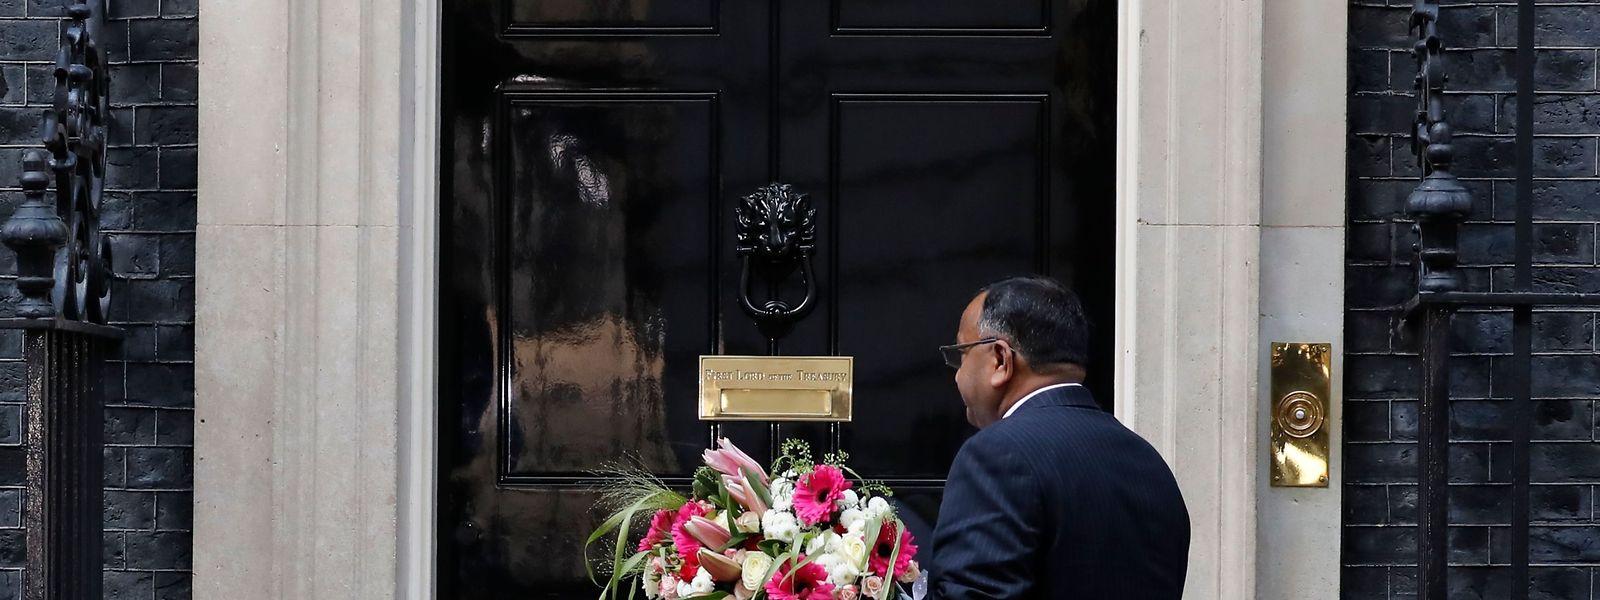 Ein Diplomat aus Pakistan bringt Blumen zur 10 Downing Street, um Boris Johnson eine gute Besserung zu wünschen.